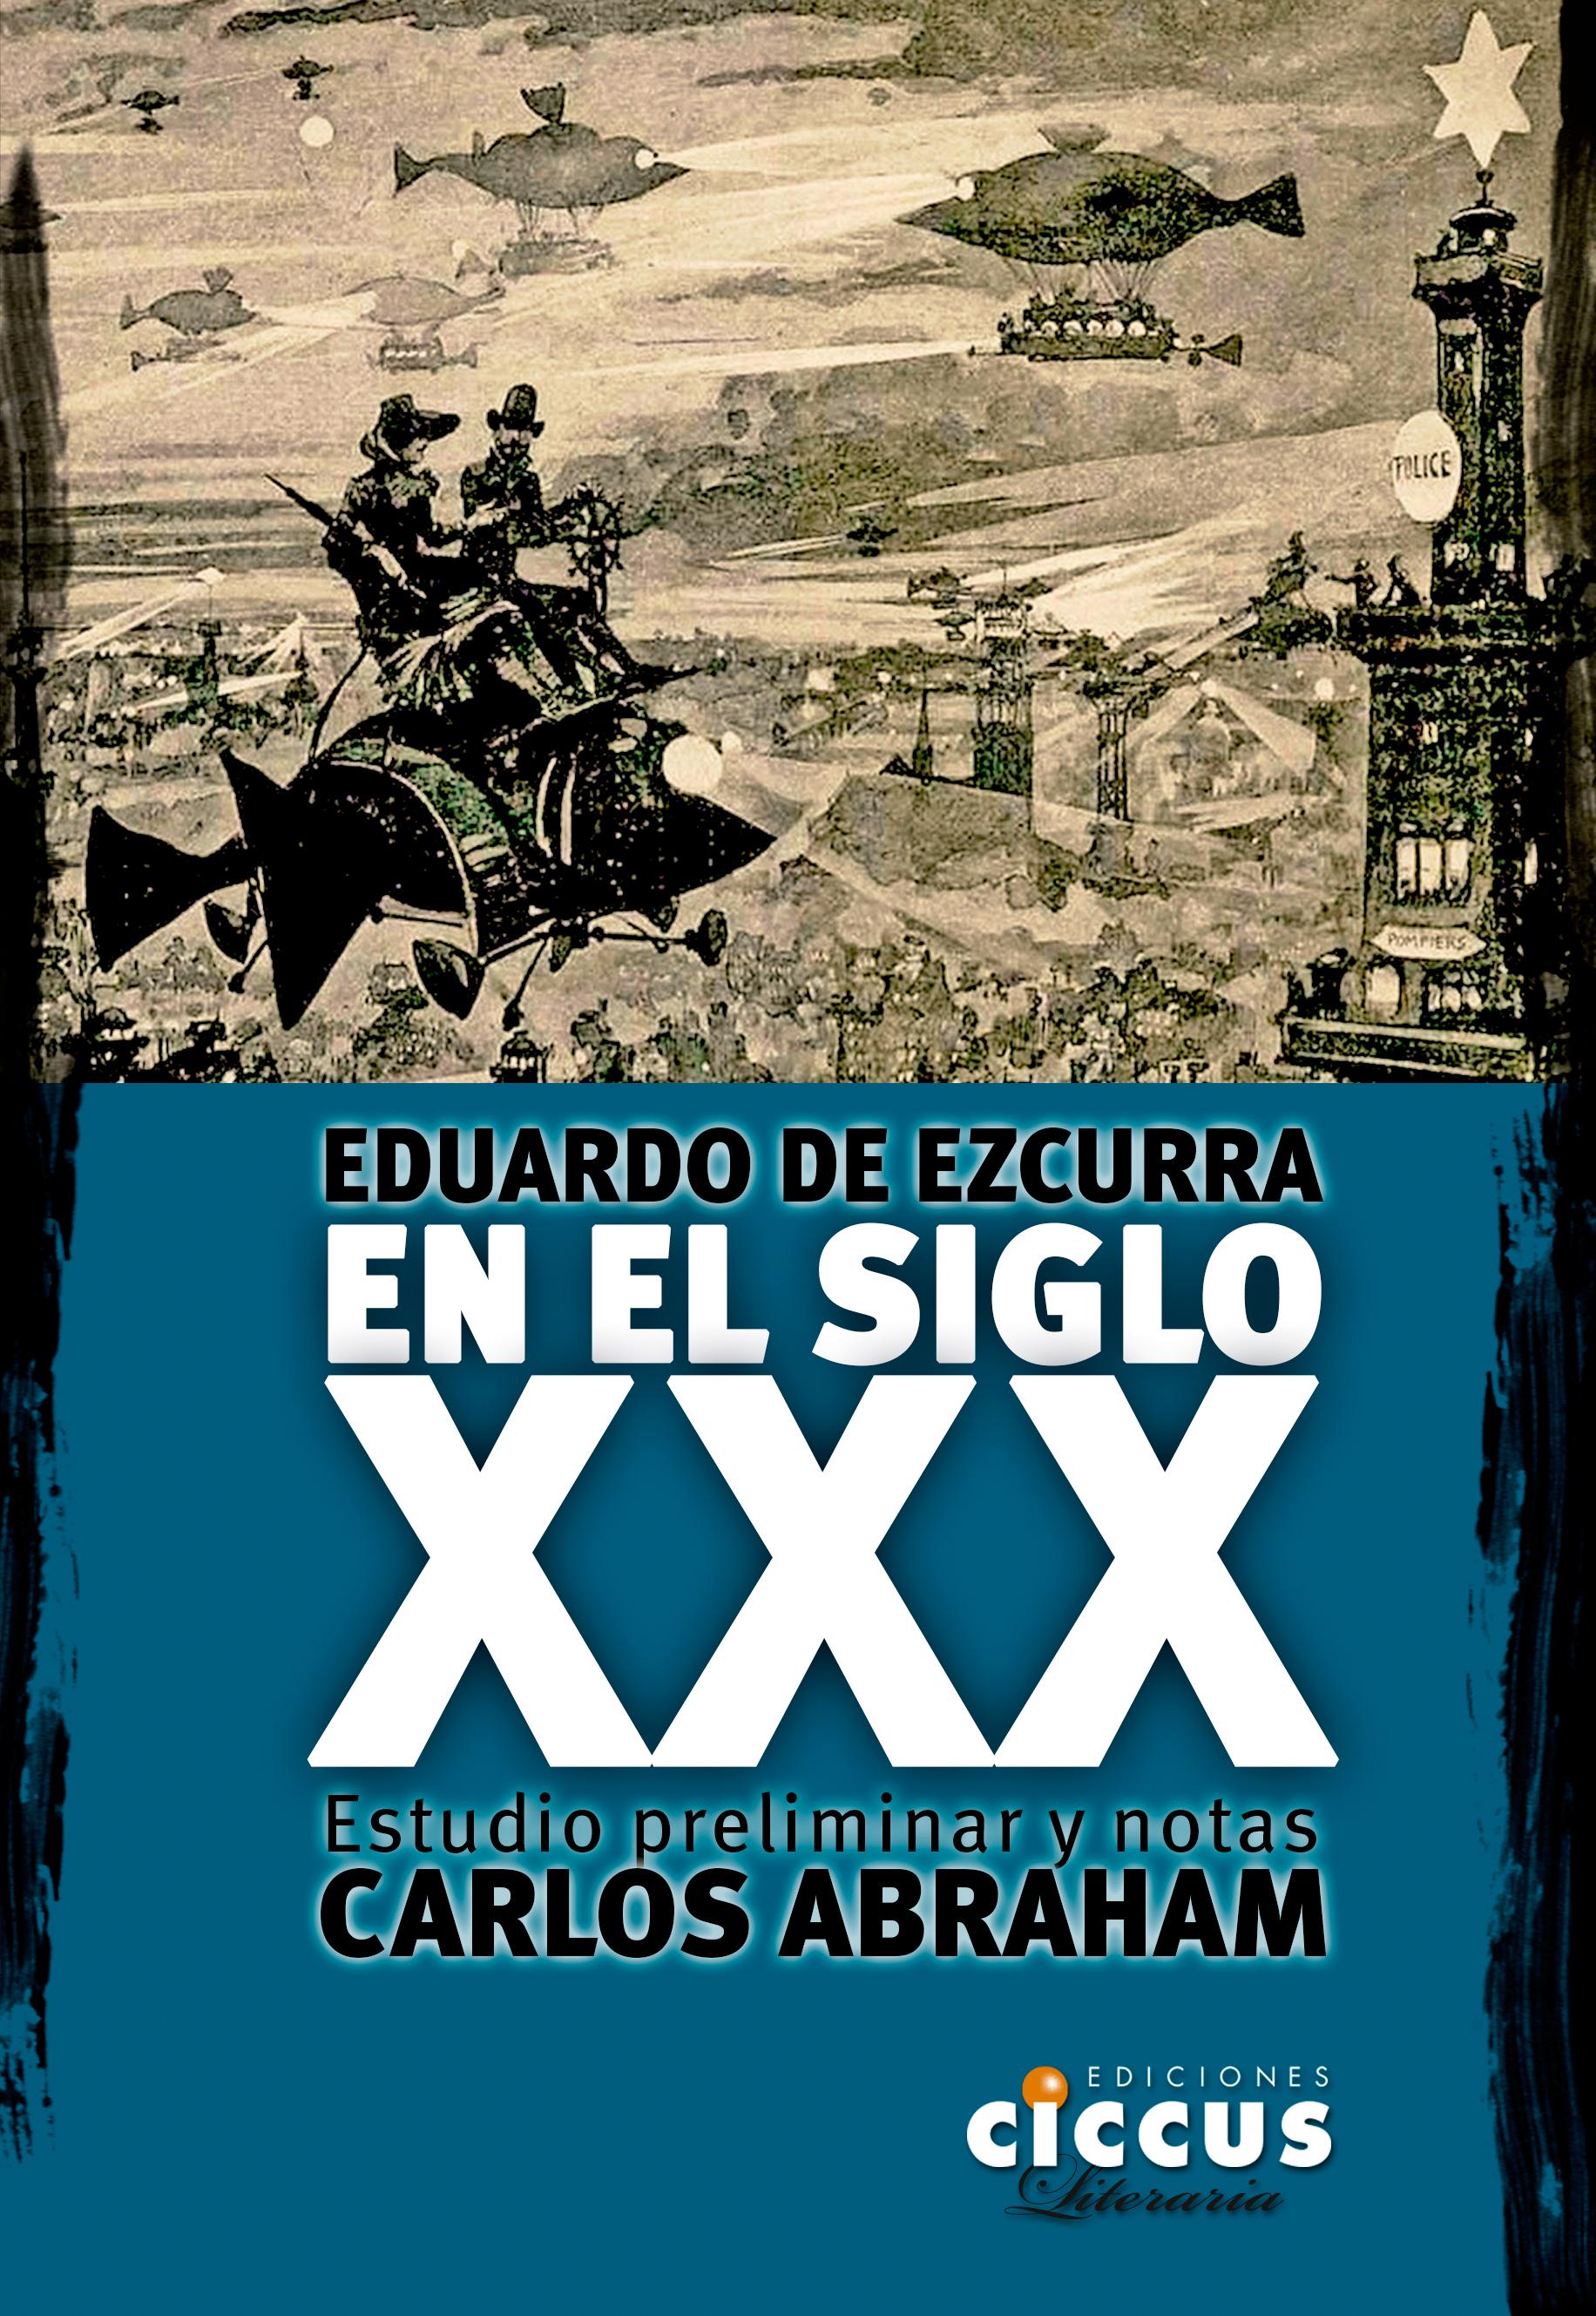 Resultado de imagen para EZCURRA, Eduardo de. En el siglo XXX, Estudio preliminar y notas: Carlos Abraham, Buenos Aires, Ciccus, 2018. (Ciencia Ficción)